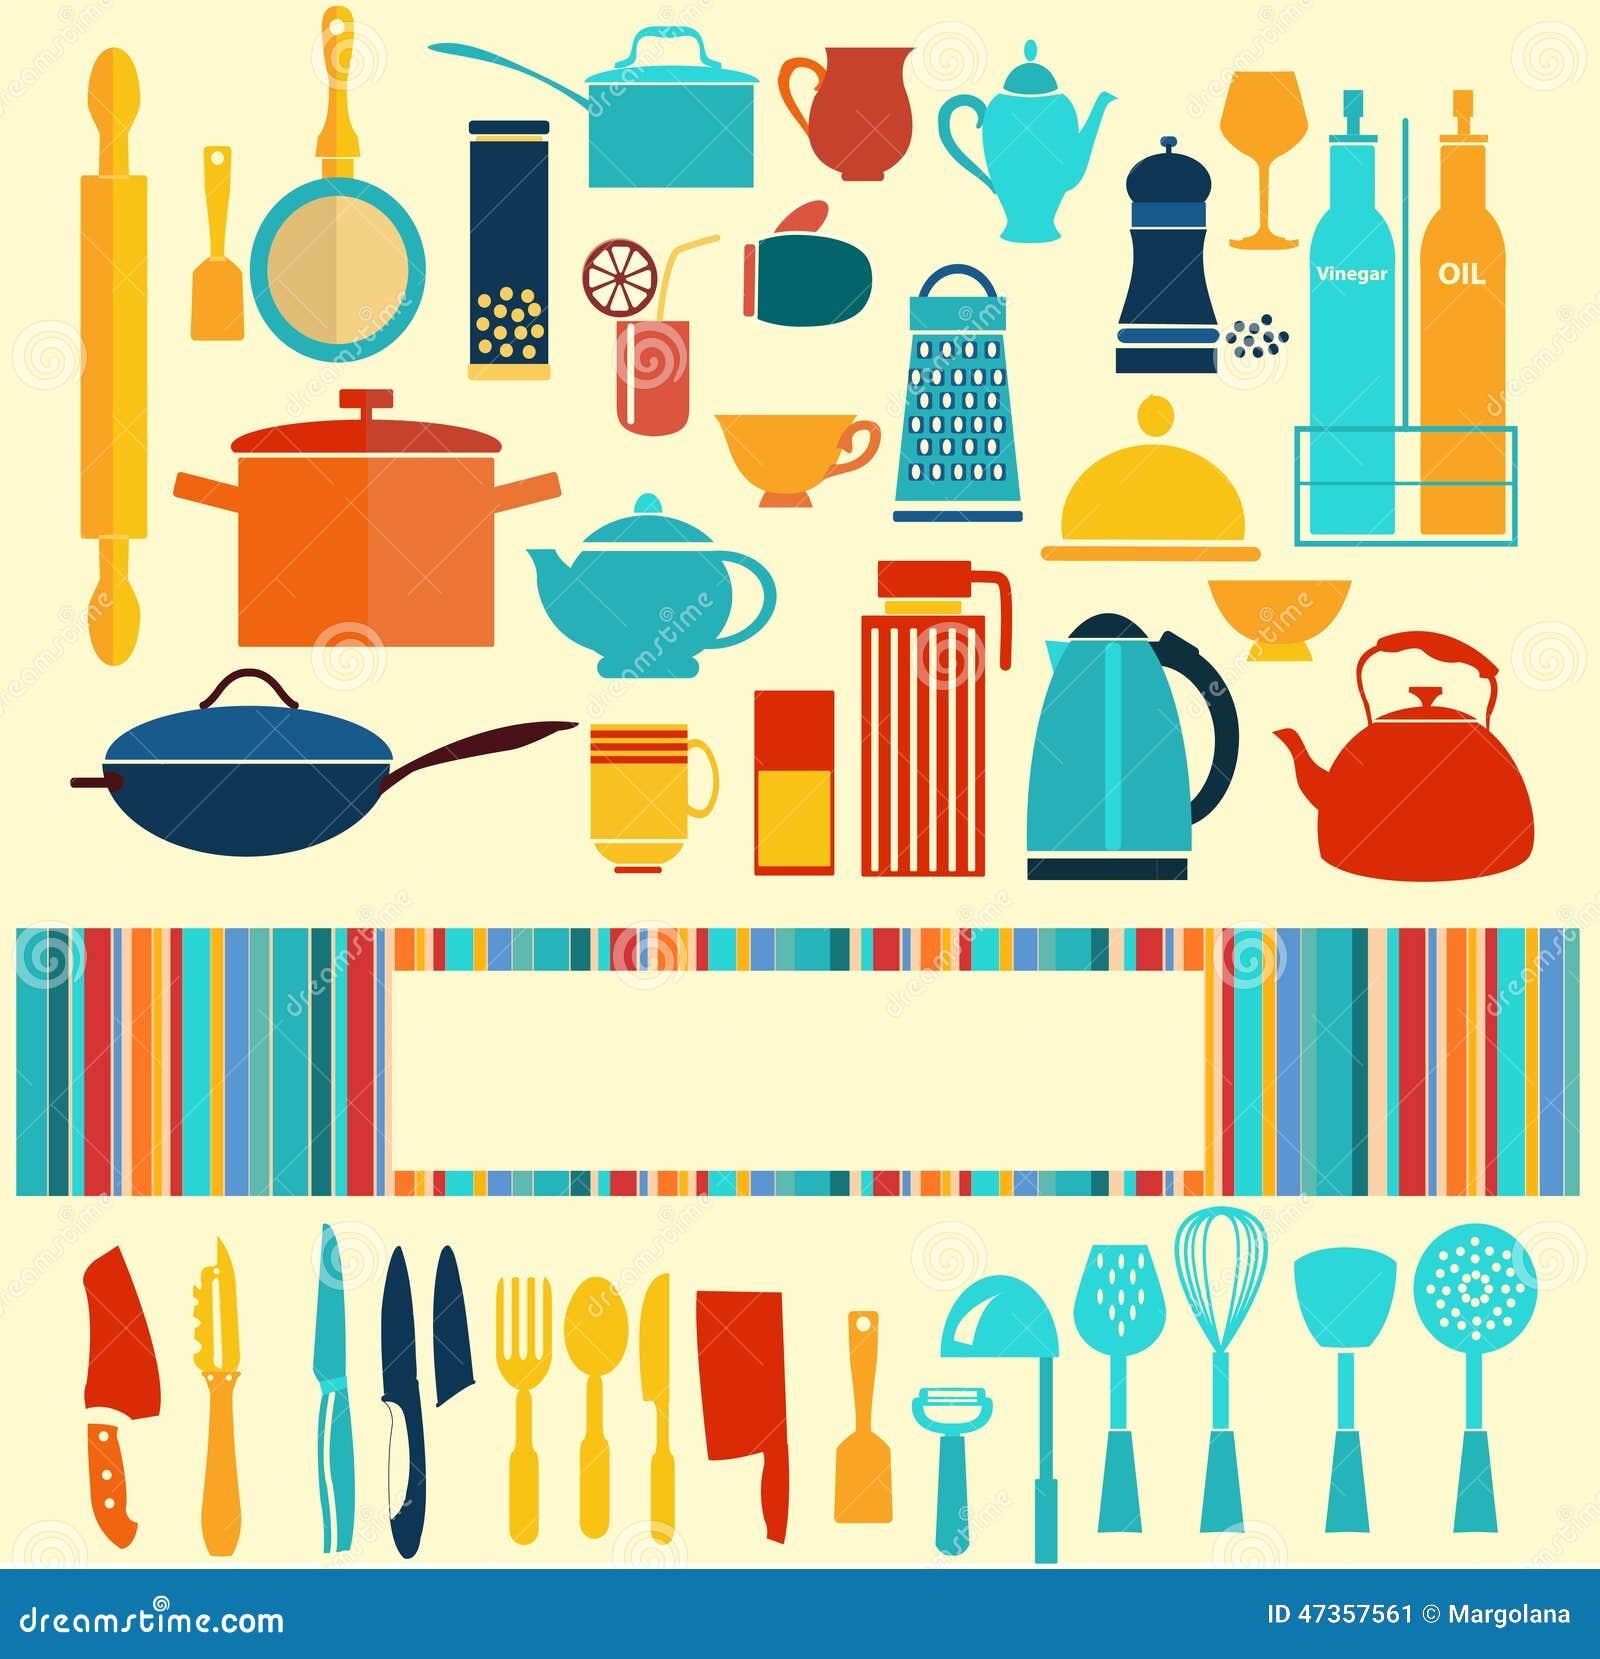 Art culos de cocina fijado fondo ilustraci n del vector for Remates articulos de cocina